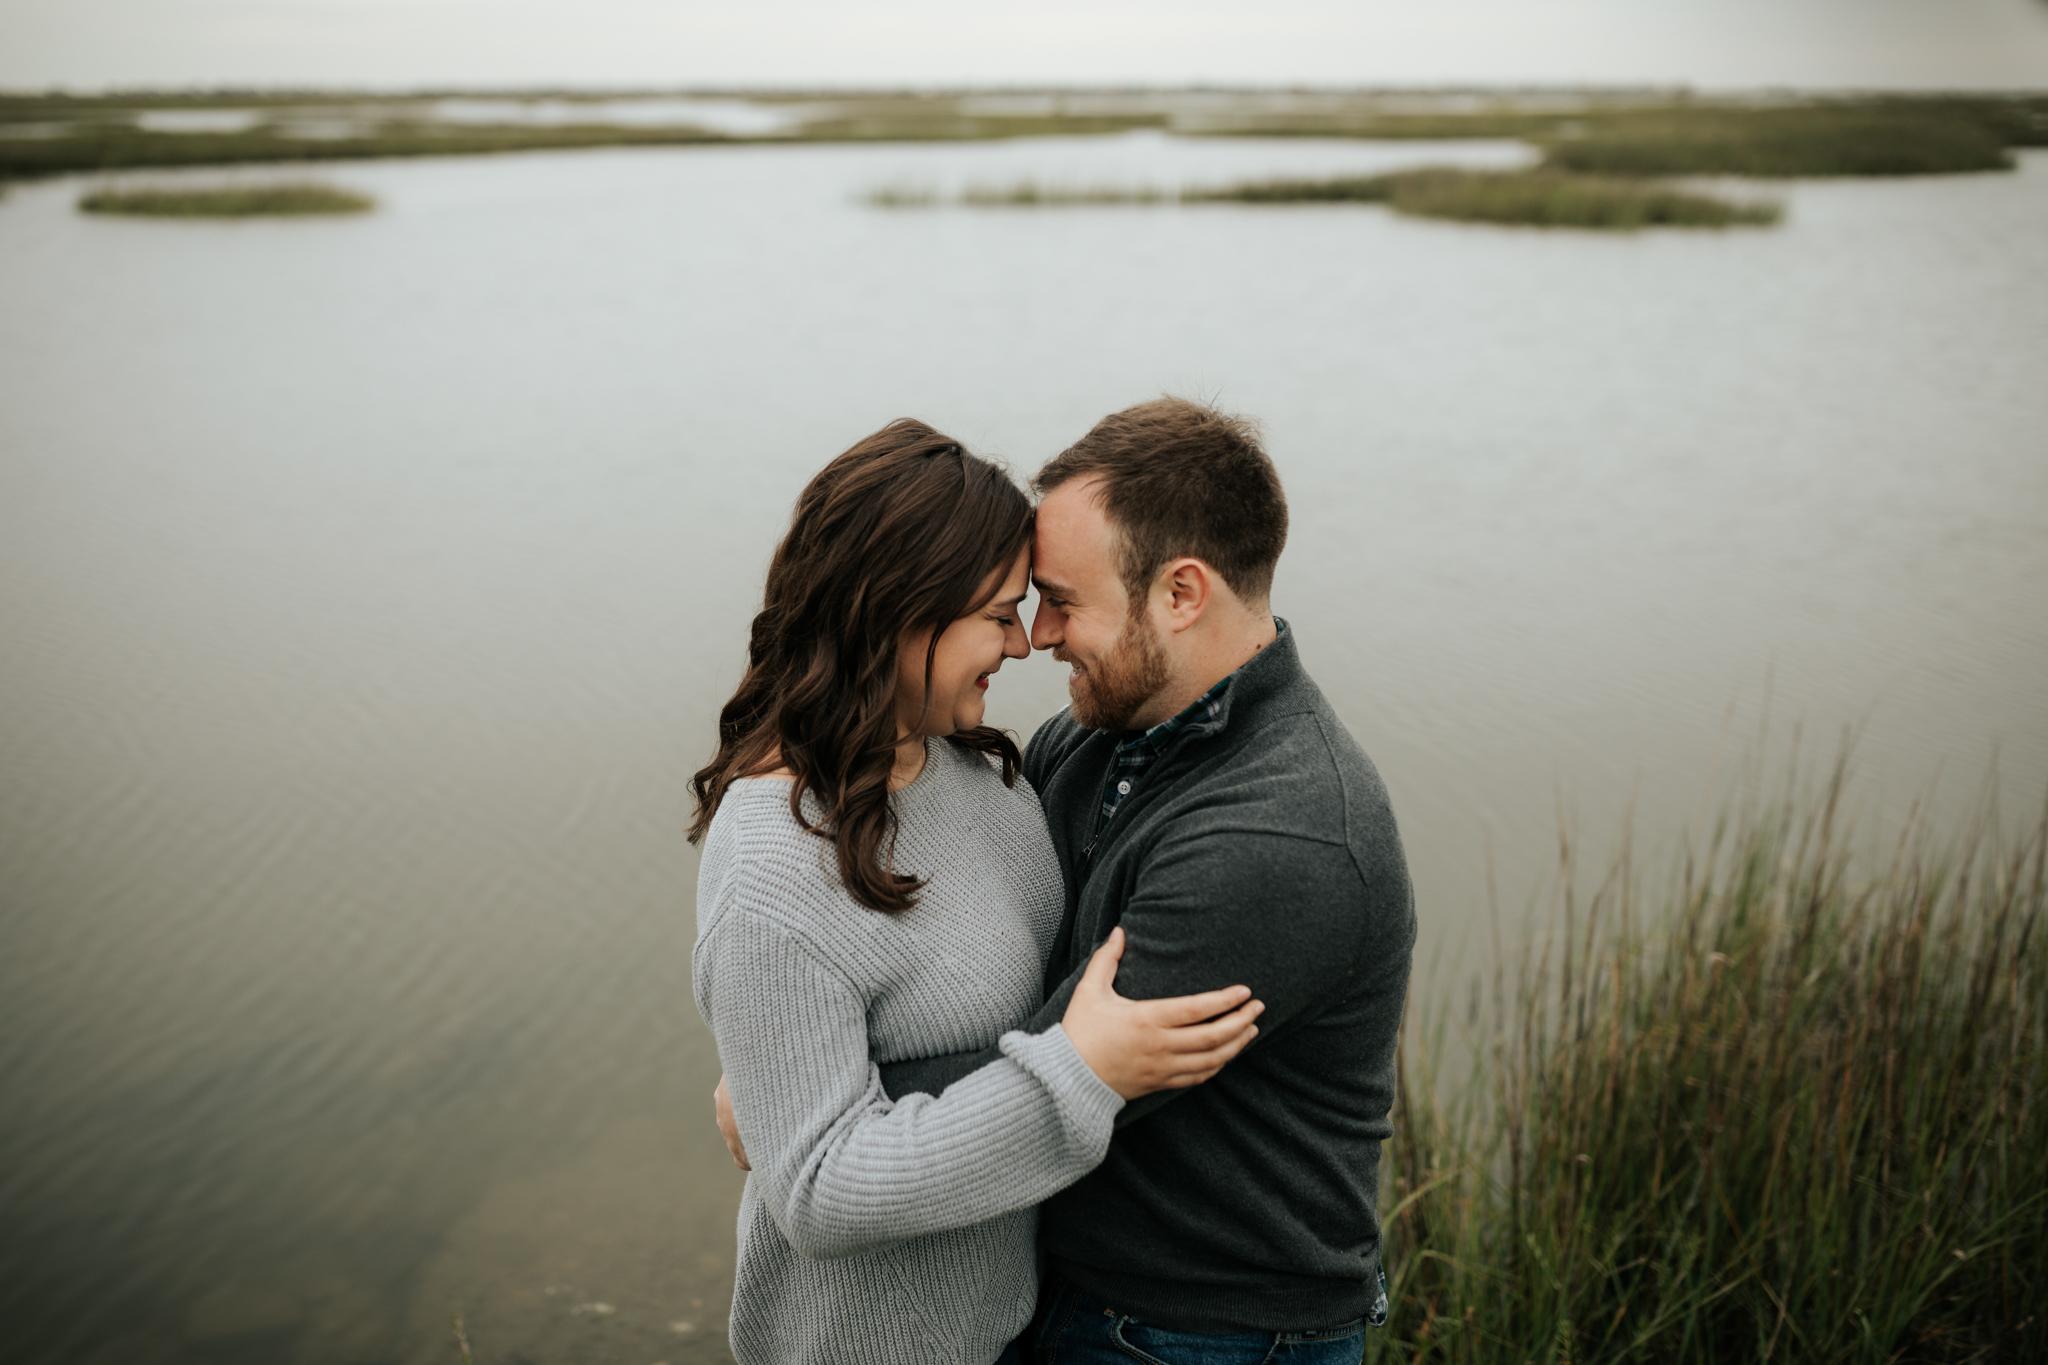 Leah Nicole Photography - Houston Wedding Photographer-Galveston Engagement Session- Houston Wedding Photographer -Kristen Giles Photography-6.jpg